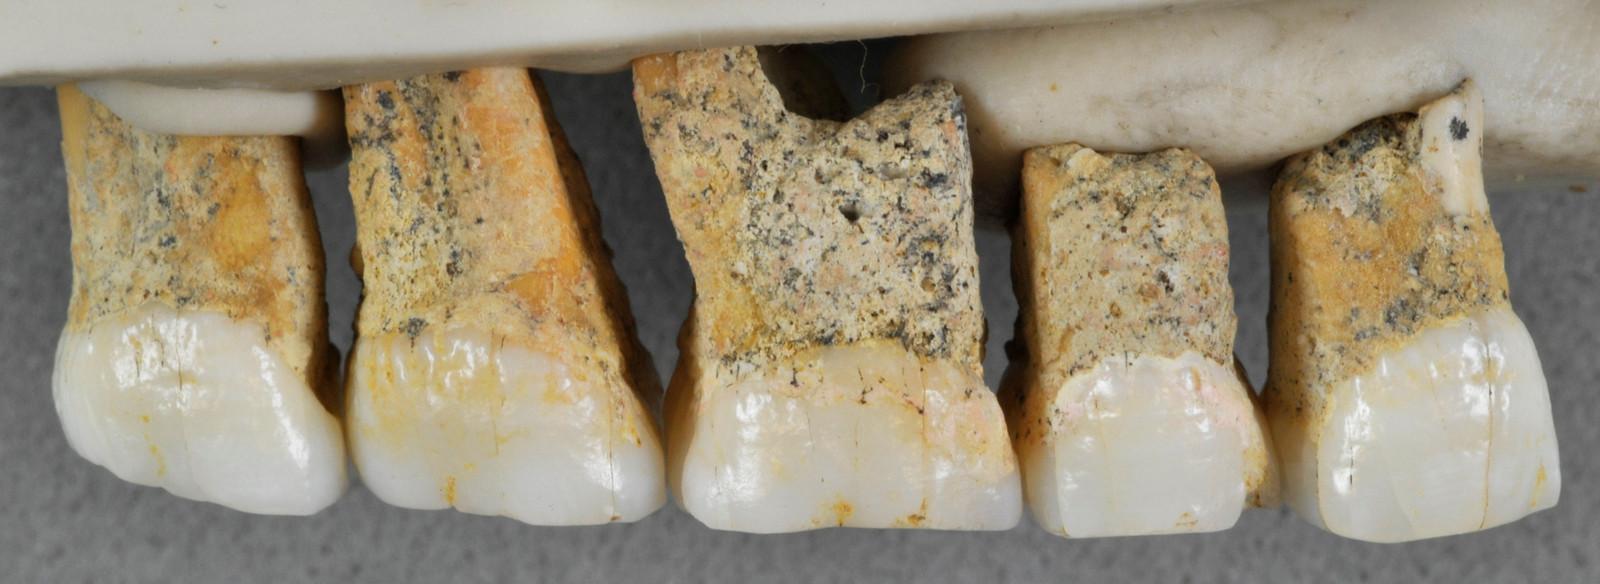 Het formaat van de gevonden tanden wijst erop dat Homo luzonensis klein van stuk was.